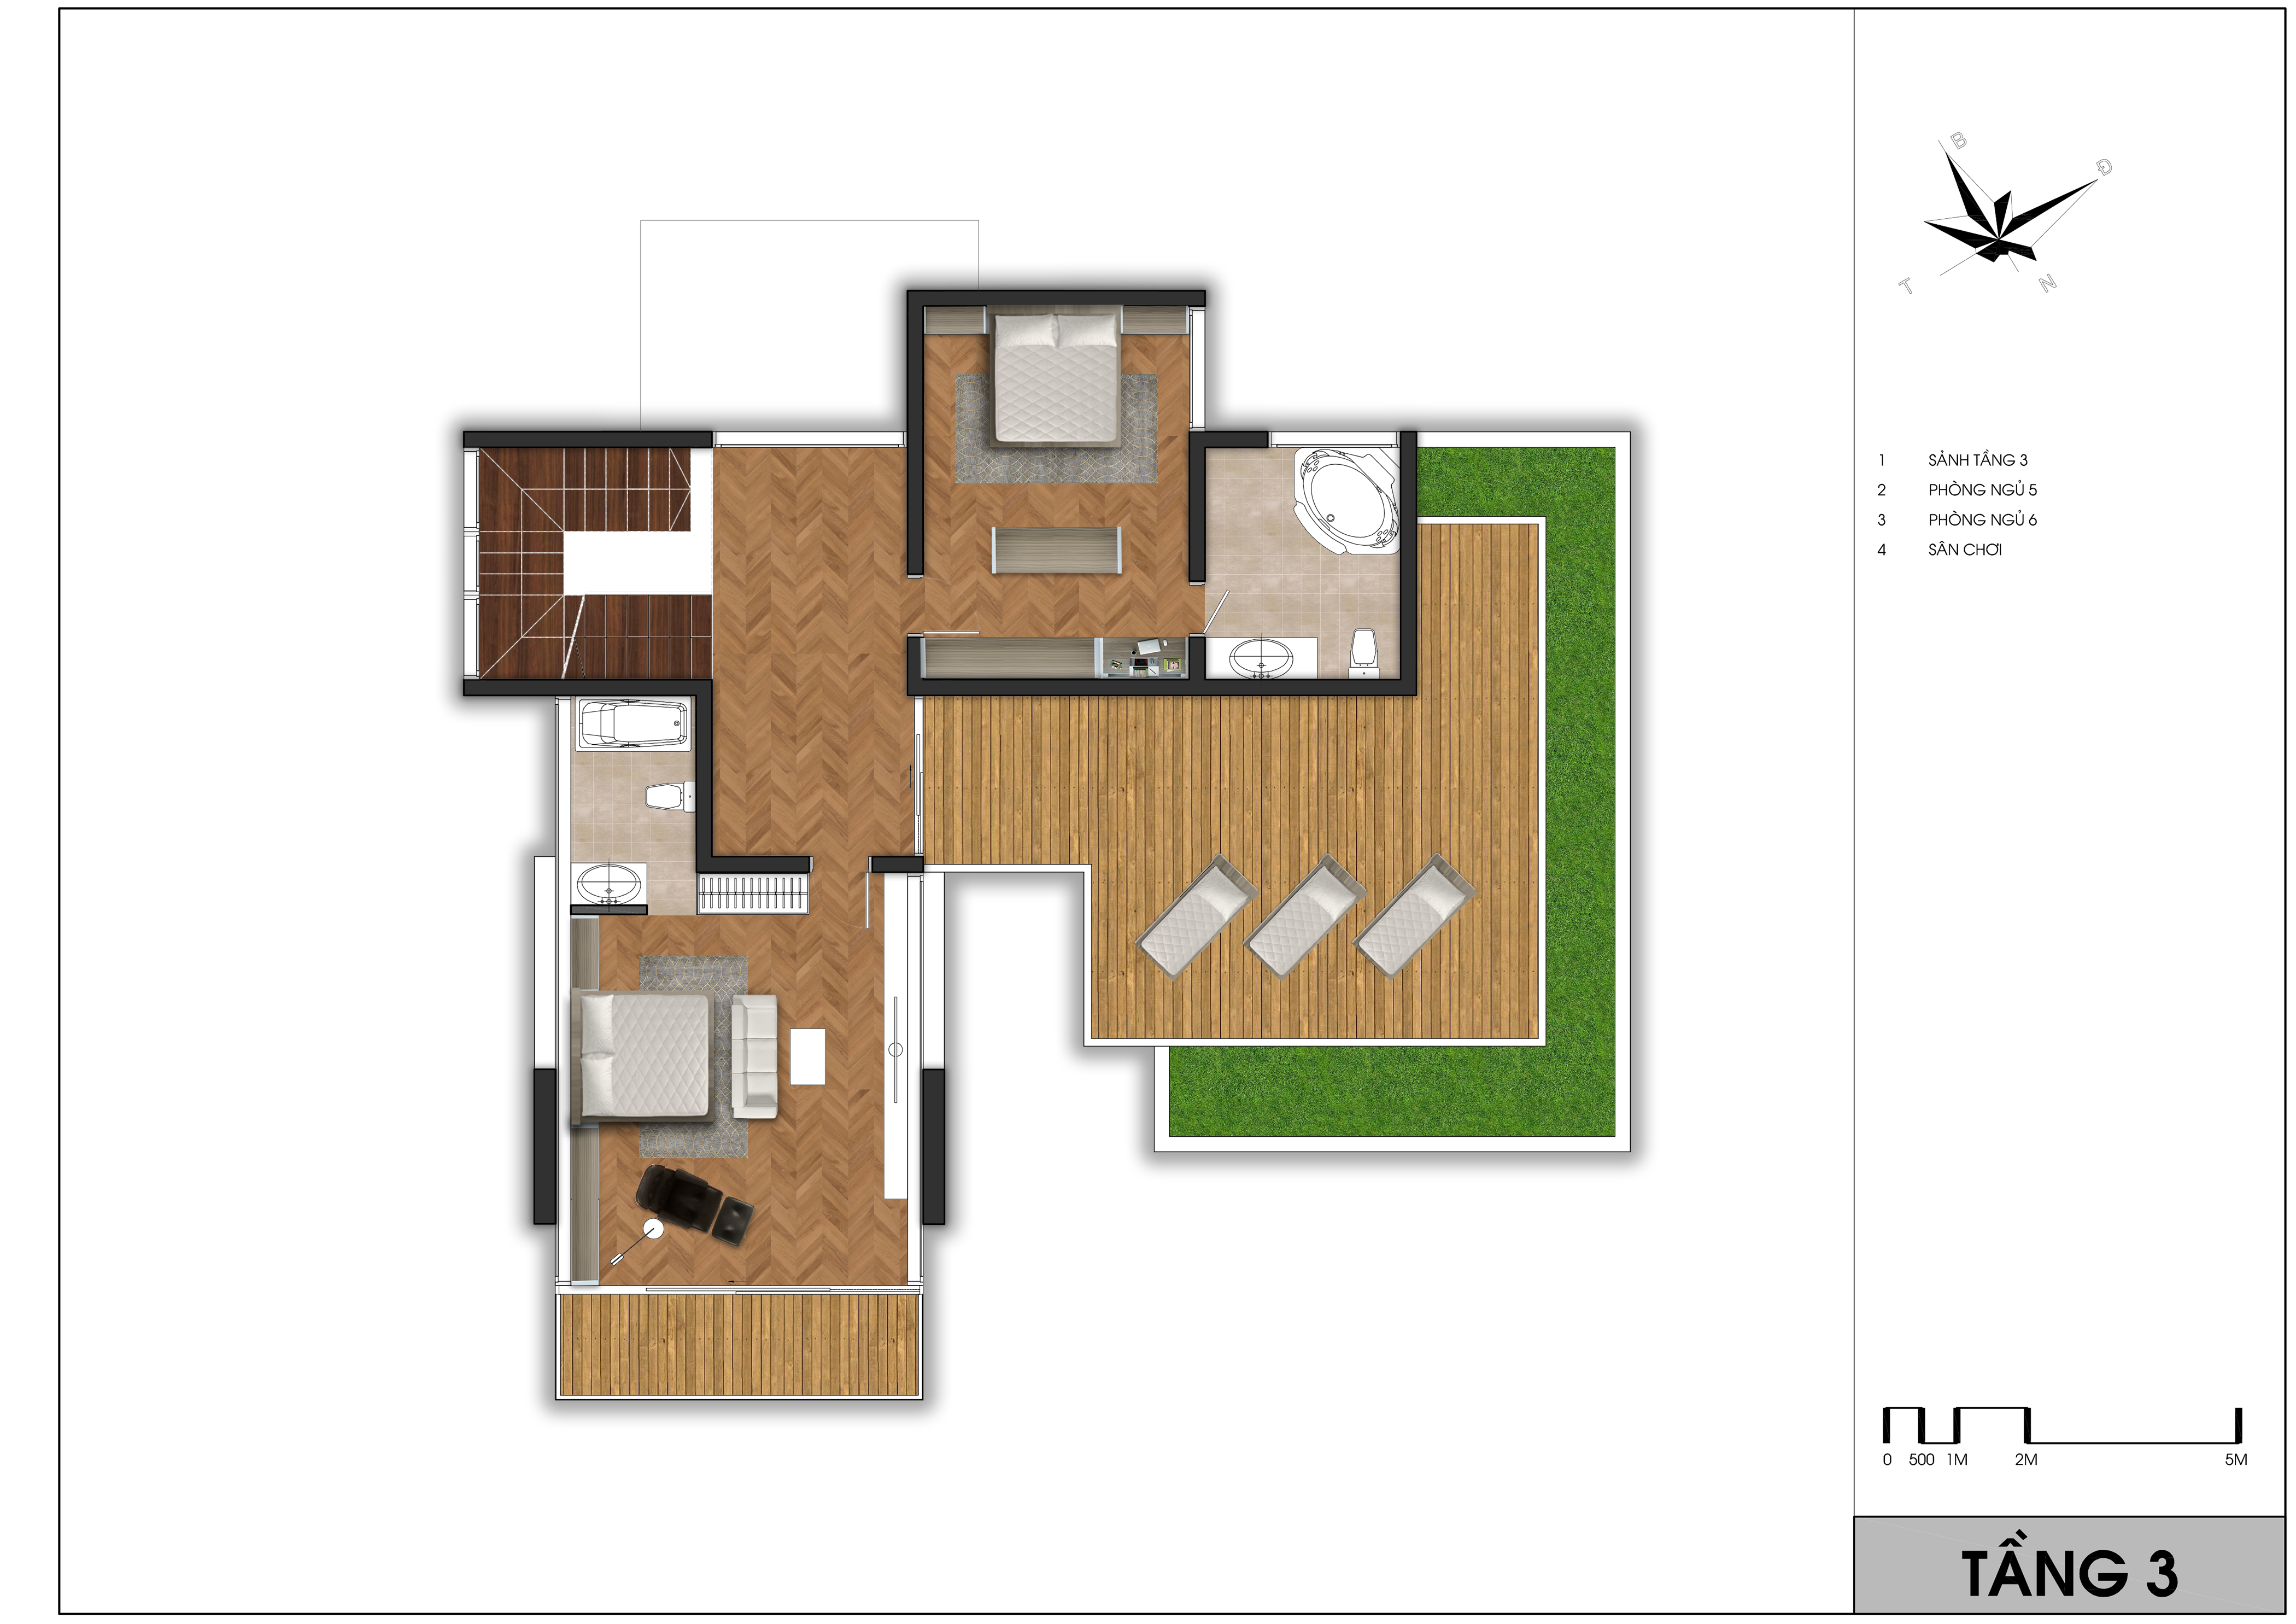 thiết kế Biệt Thự 3 tầng tại Vĩnh Phúc TX- Villas 5 1562065358